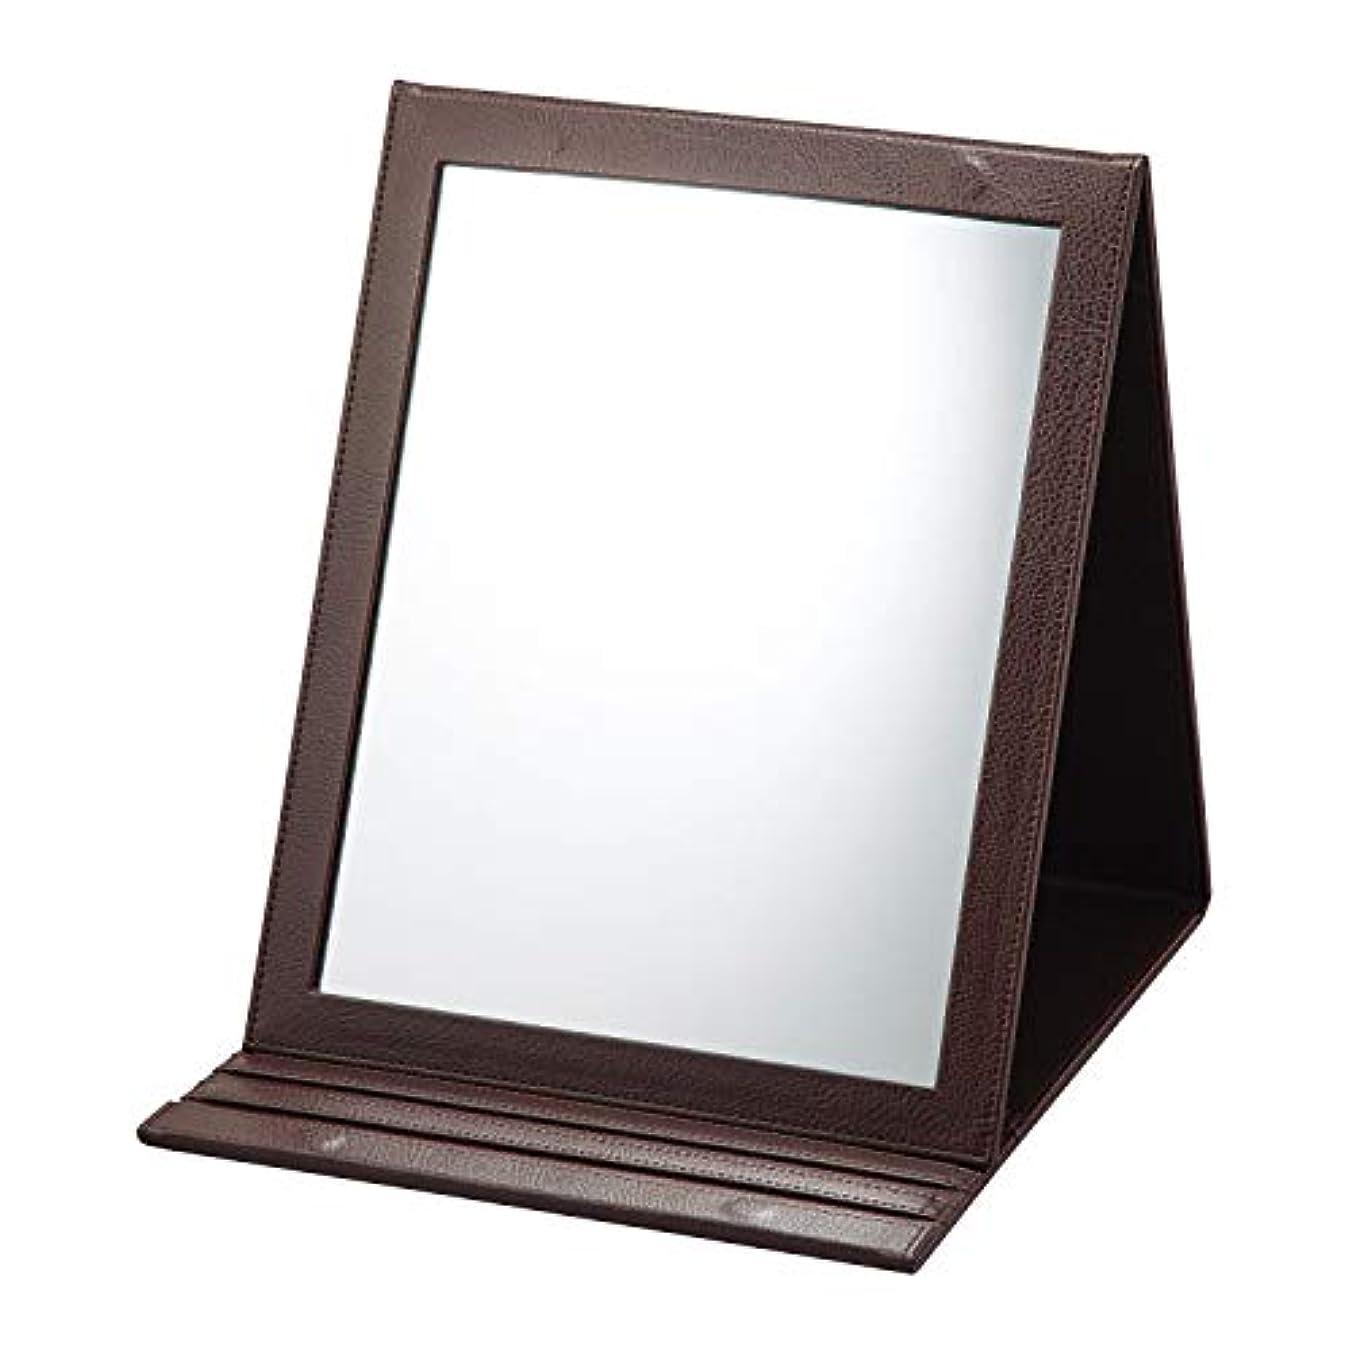 寛大な窓を洗う転用折立鏡デカミラー 角度調整5段階 卓上 A4サイズ ヘアメイク ヘアアレンジ 化粧 折りたたみ 大きい デコルテまで見える